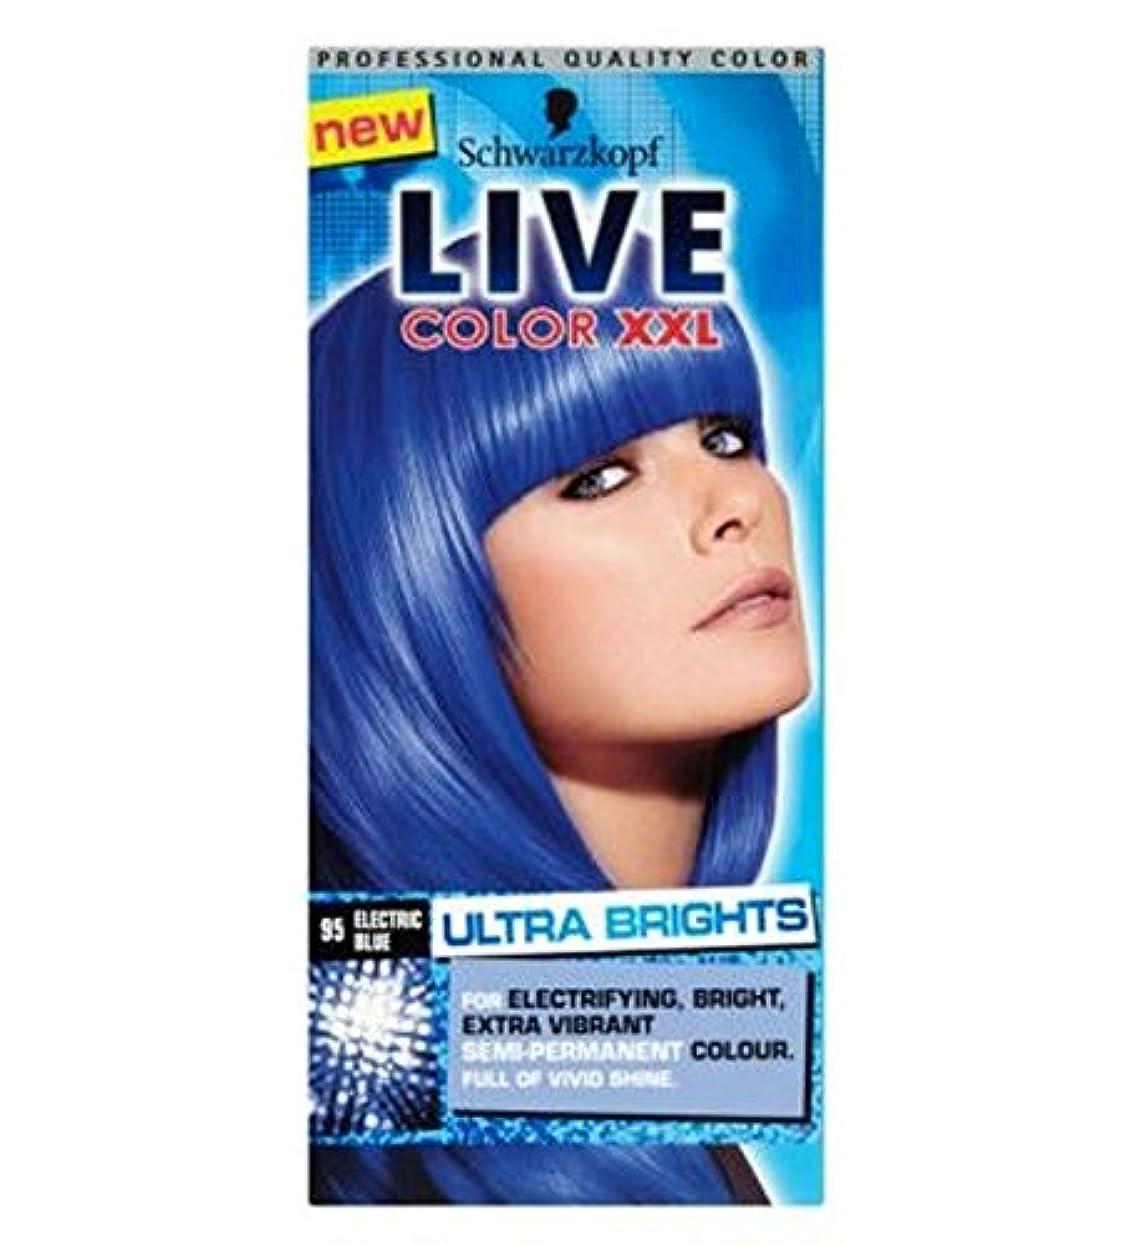 湿度東湿度Schwarzkopf LIVE Color XXL Ultra Brights 95 Electric Blue Semi-Permanent Blue Hair Dye - シュワルツコフライブカラーXxl超輝95エレクトリックブルー...